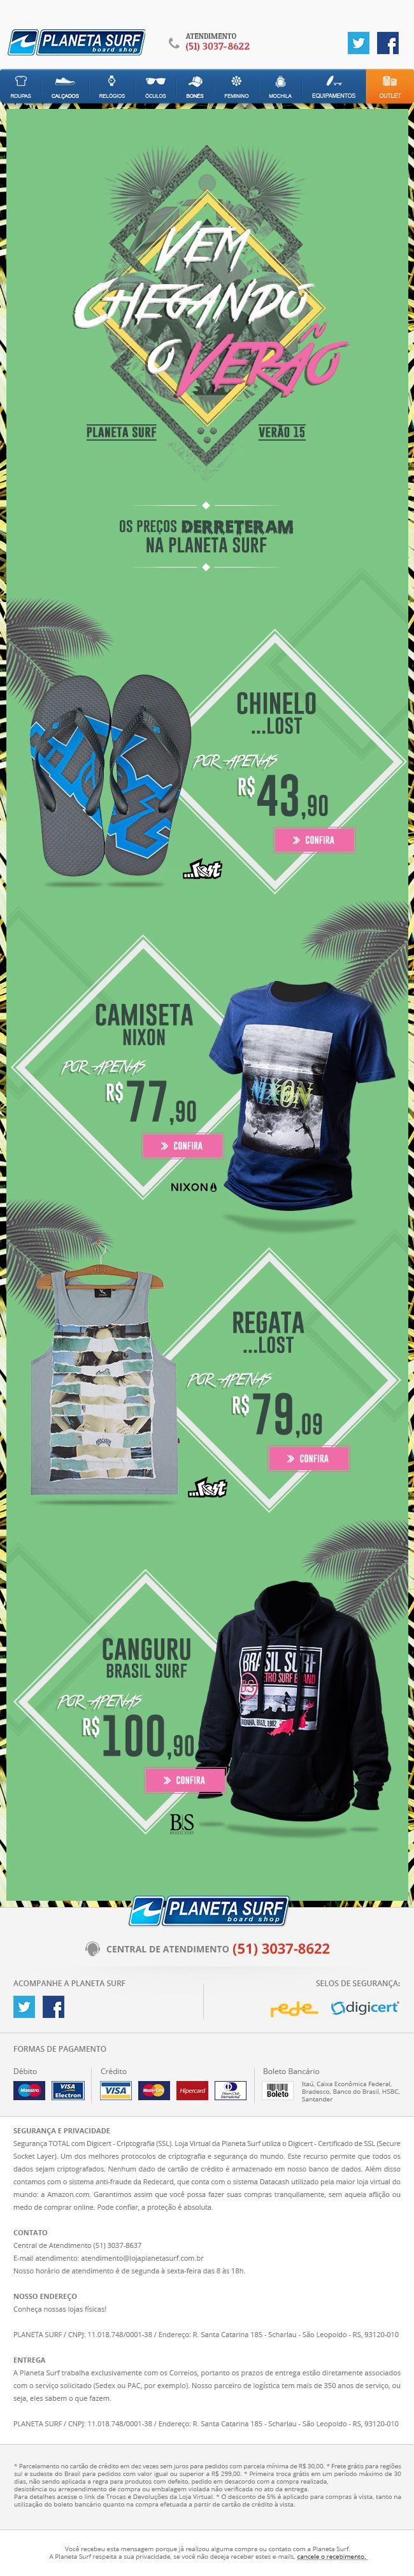 Campanha e e-mail marketing desenvolvidos para as lojas Planeta Surf, verão 2015.  Splashbox desenvolvida para a loja virtual do cliente Sul Games.  Direção de Arte: ALEXANDRE R. Agência: TRINTO